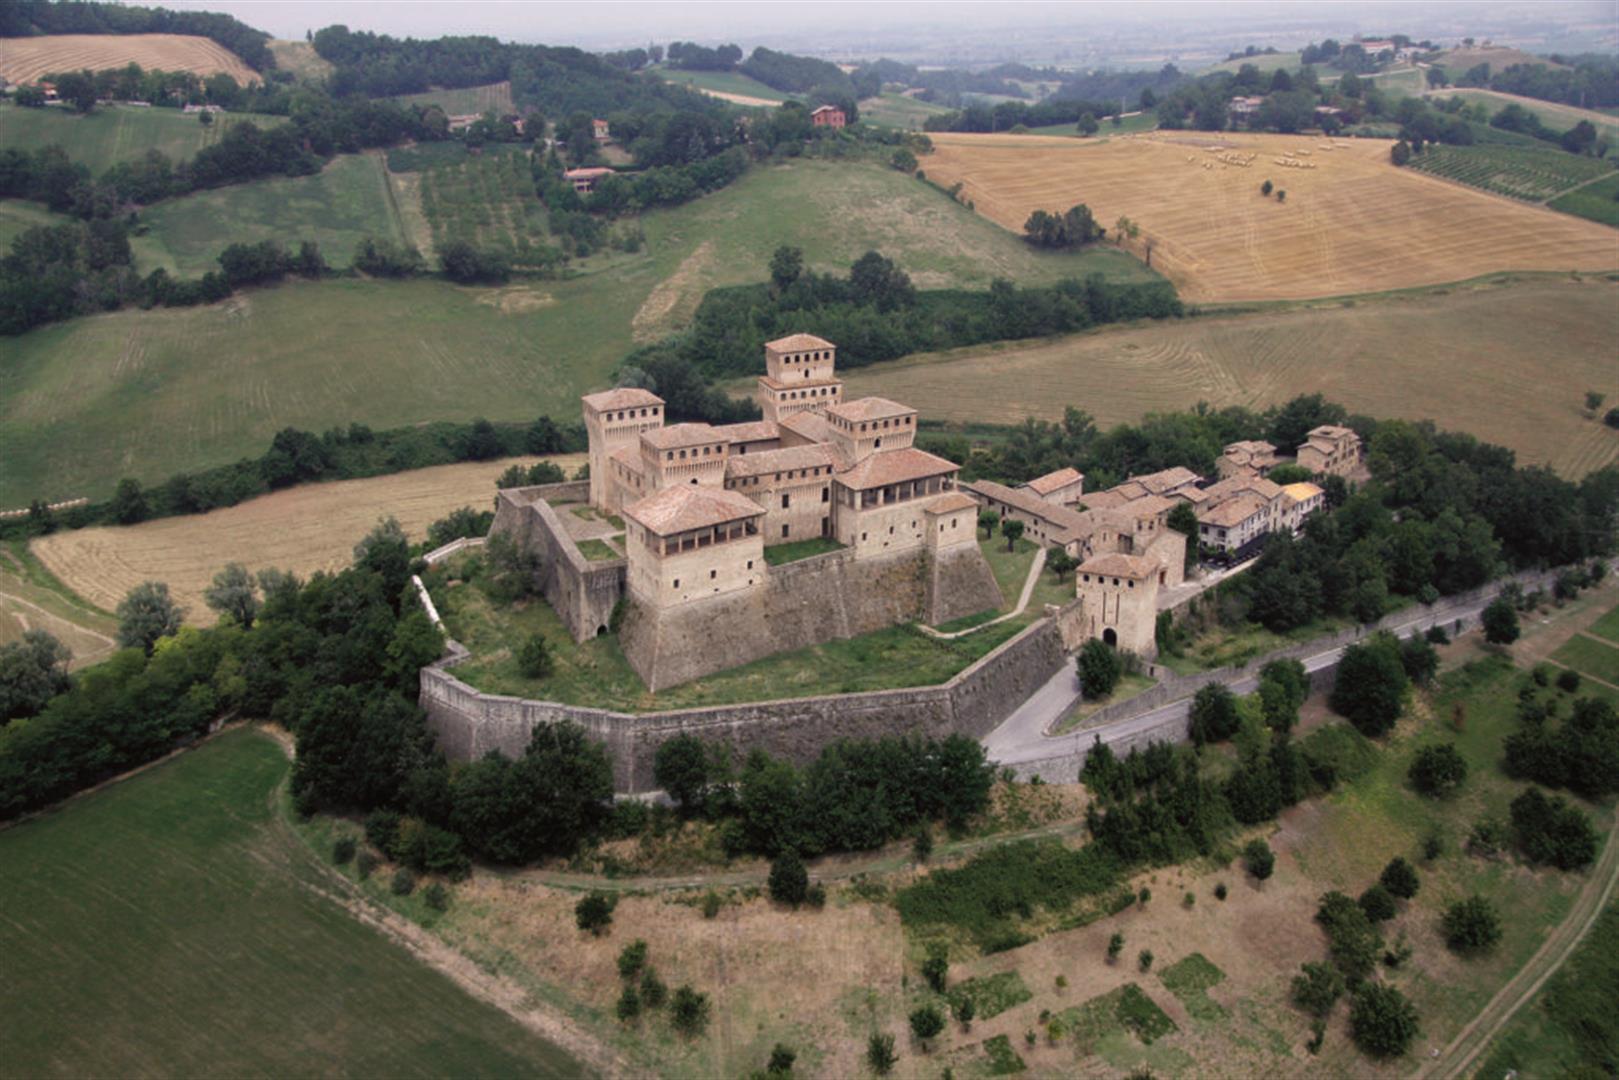 Castello di Torrechiara - castelli delle donne